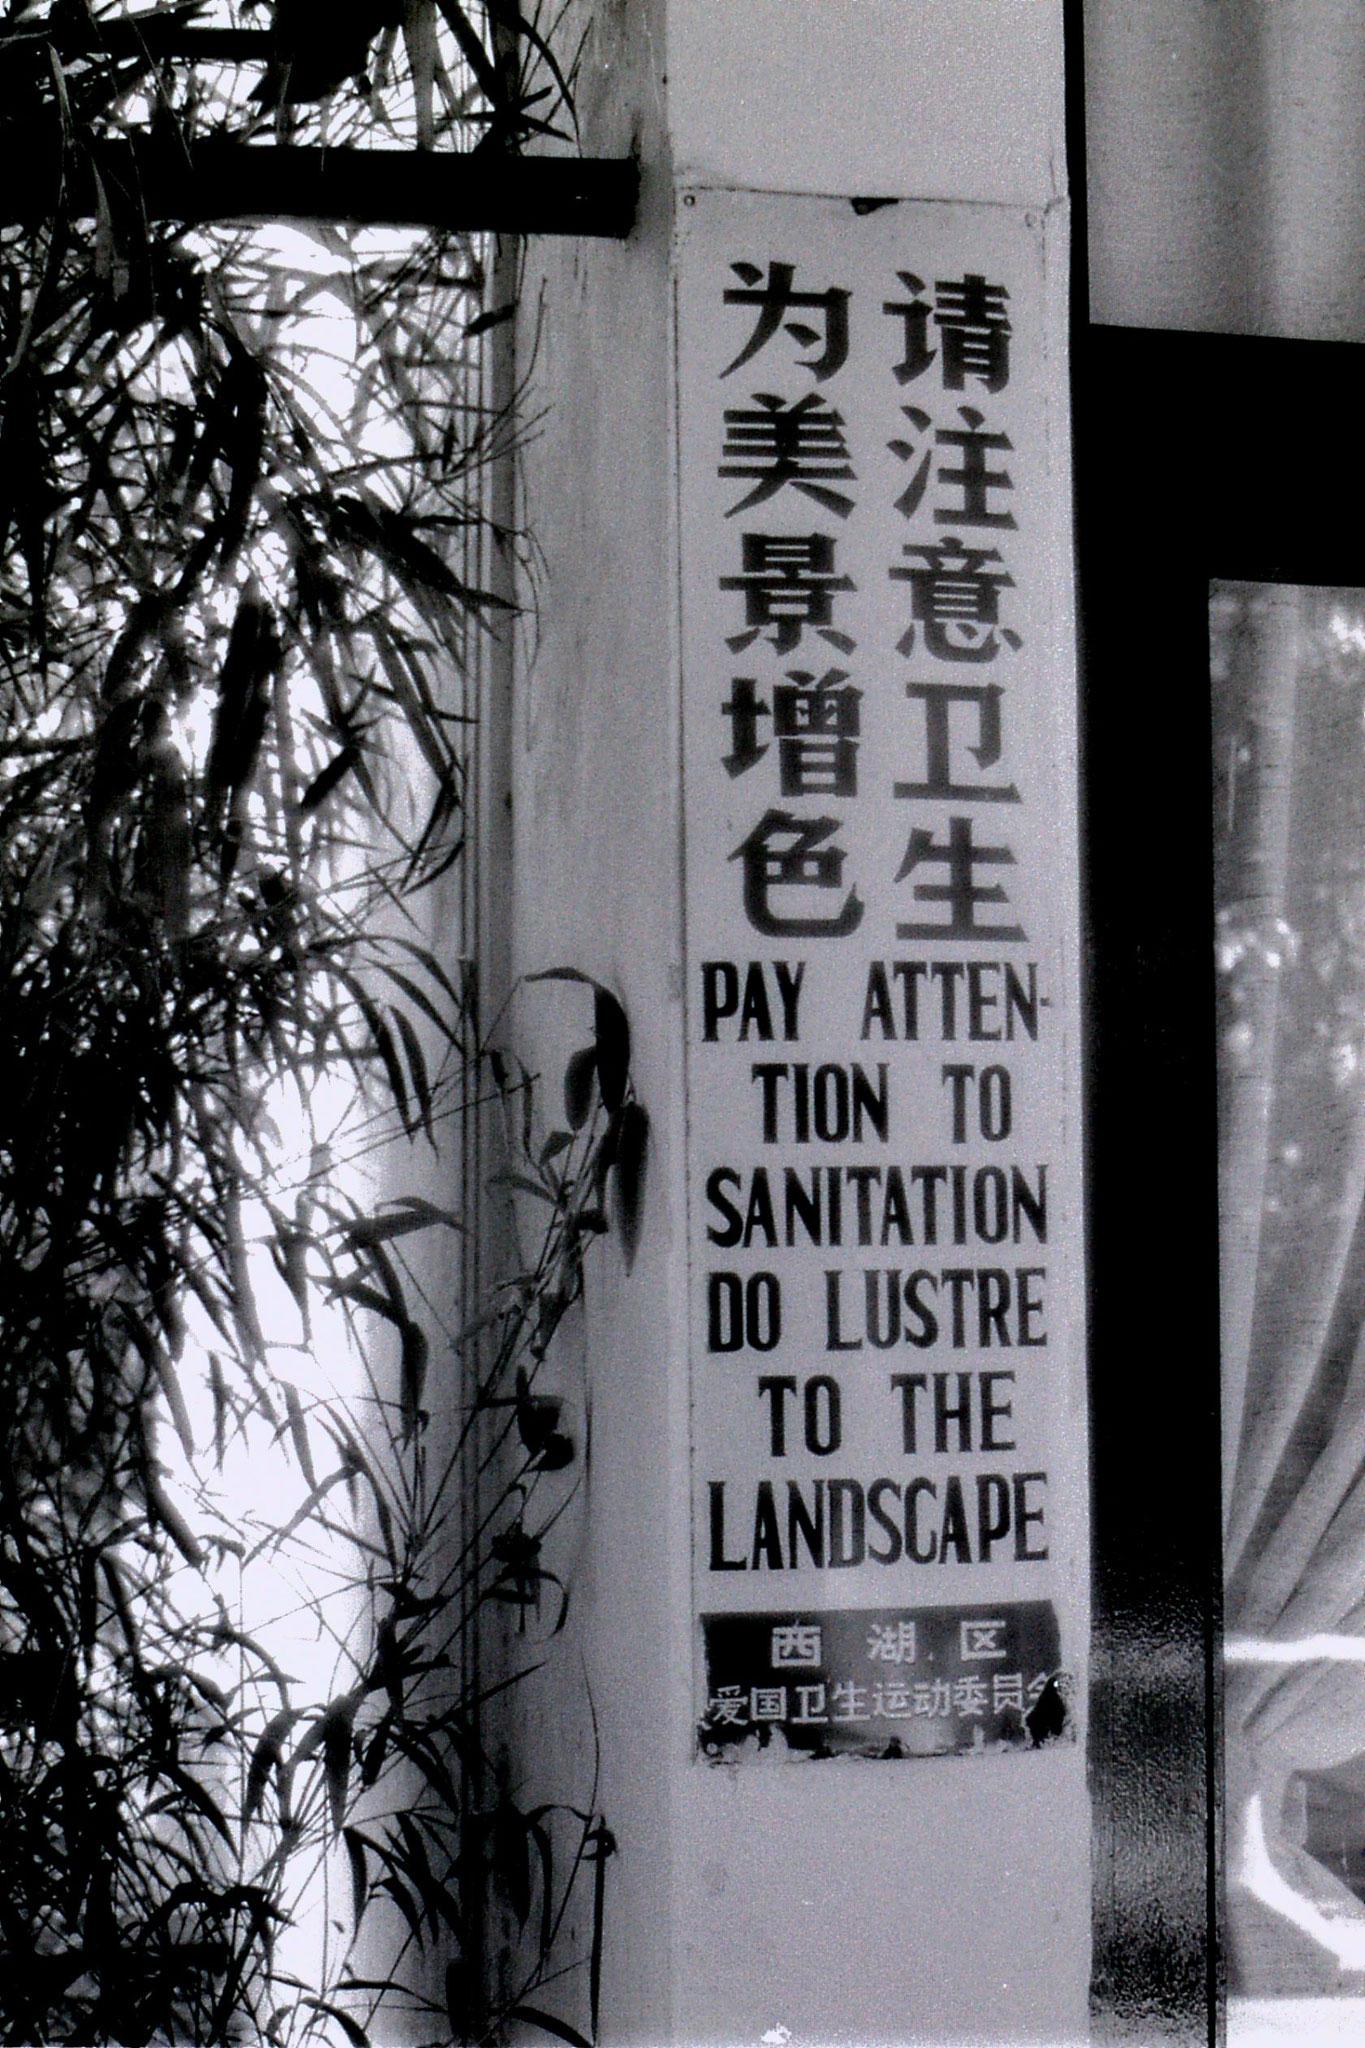 1/6/1989: 10: Botanic Garden